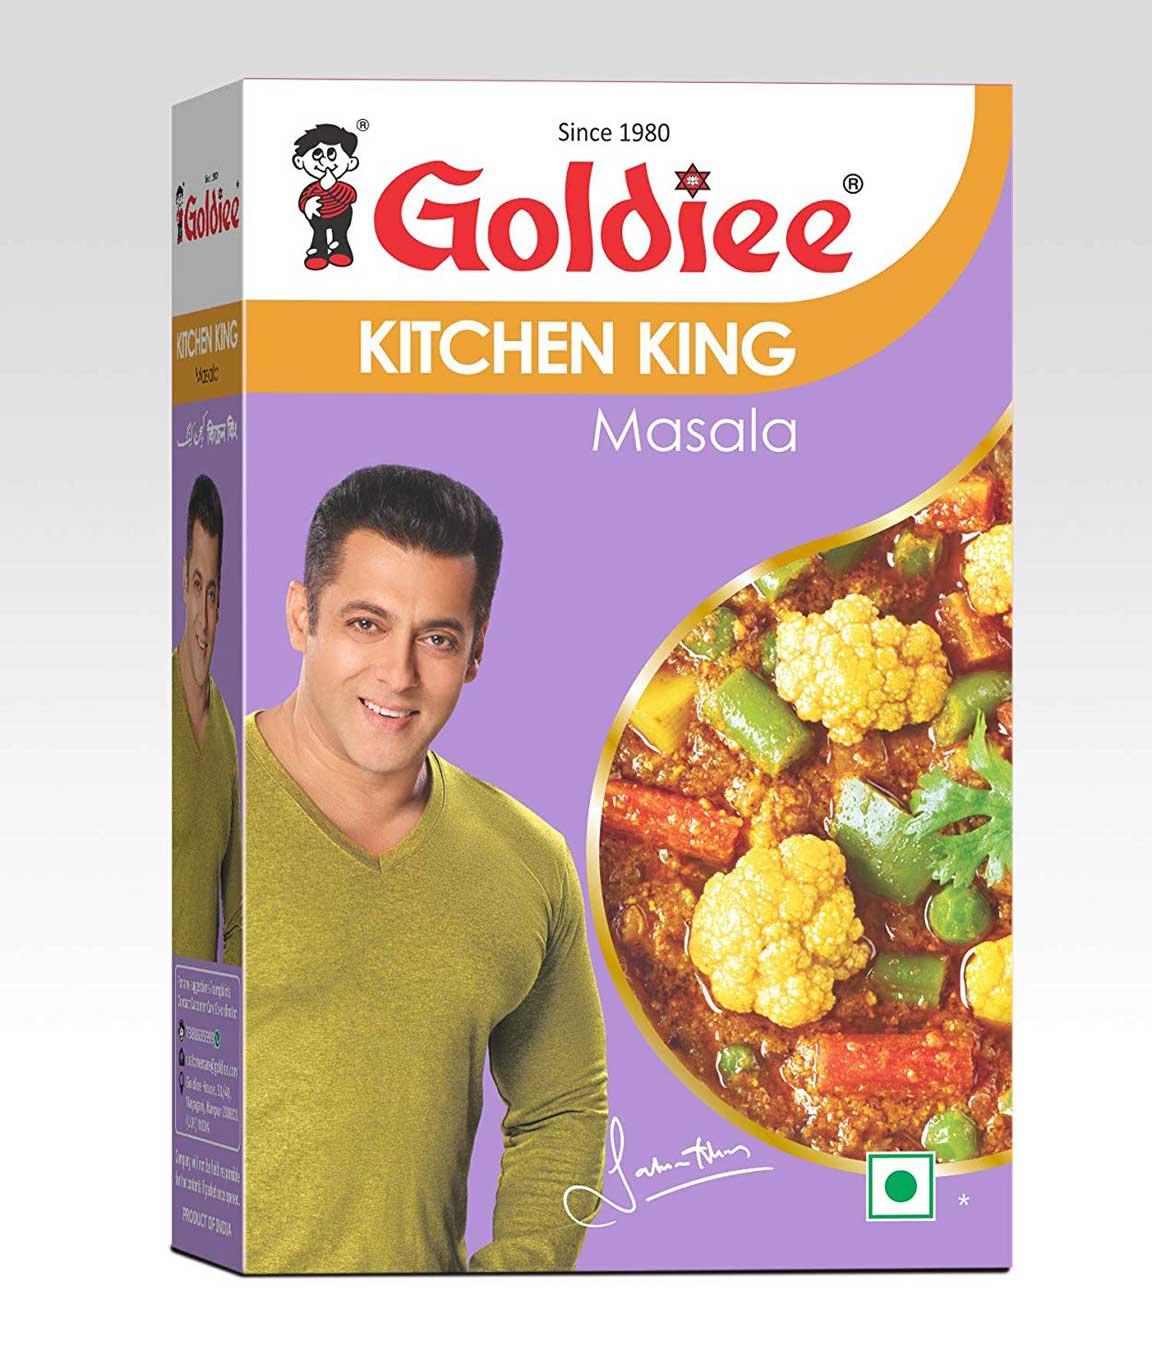 Goldiee Kitchen King Masala, 100g